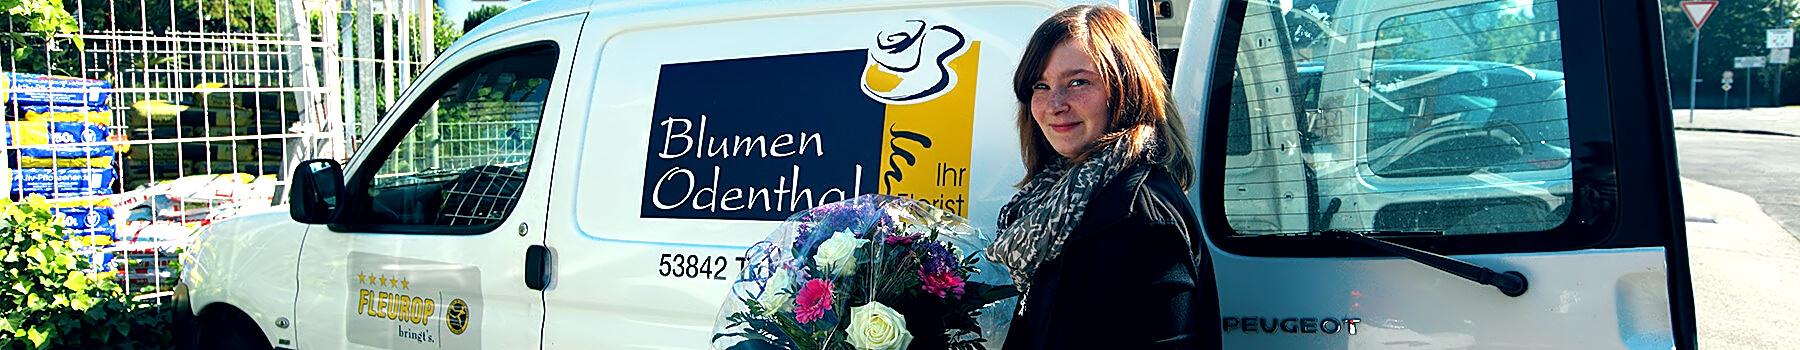 Blumen Odenthal Lieferservice